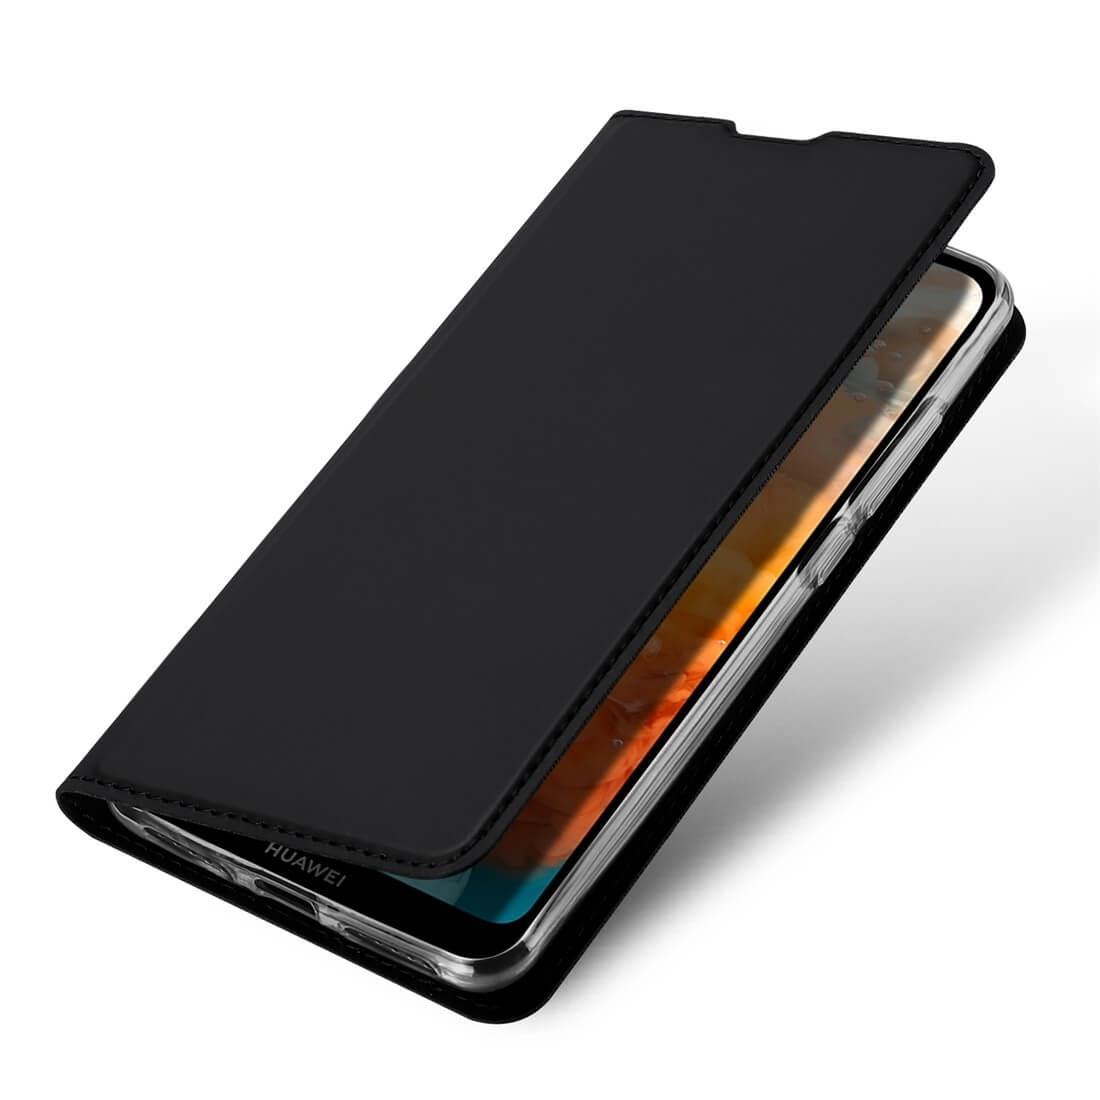 DUX Peňaženkový obal Huawei Y6 2019 černý